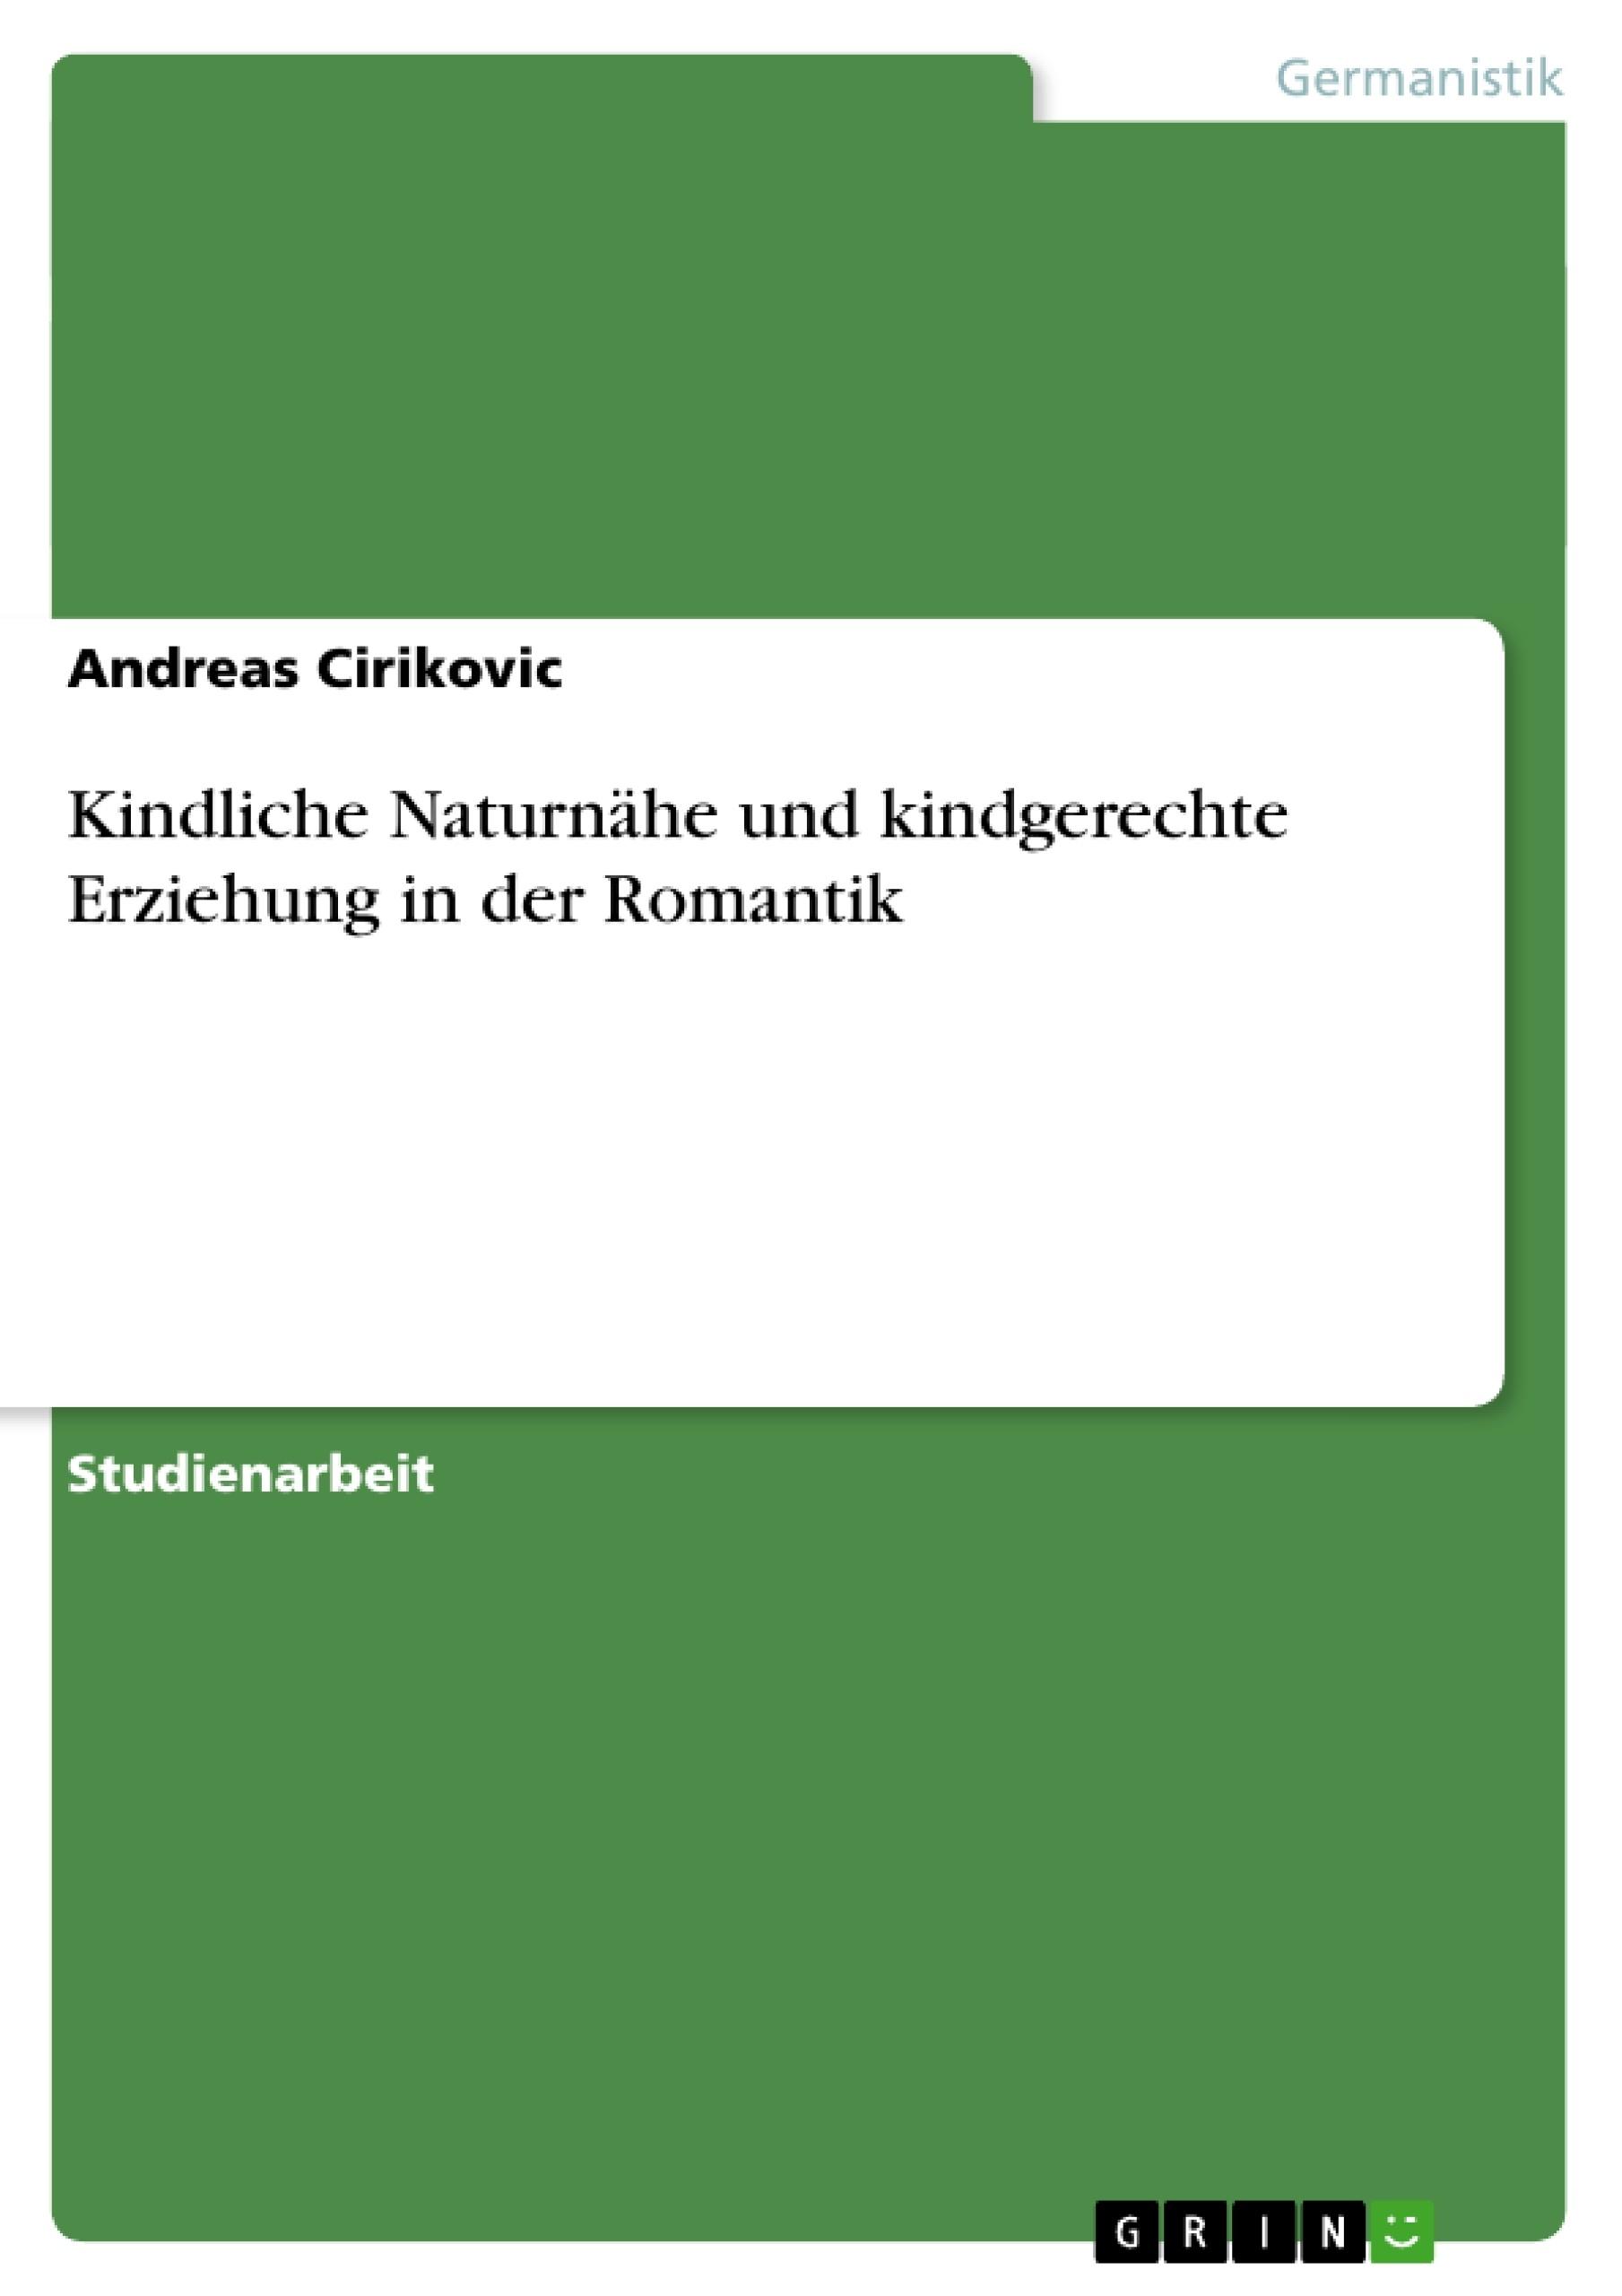 Titel: Kindliche Naturnähe und kindgerechte Erziehung in der Romantik